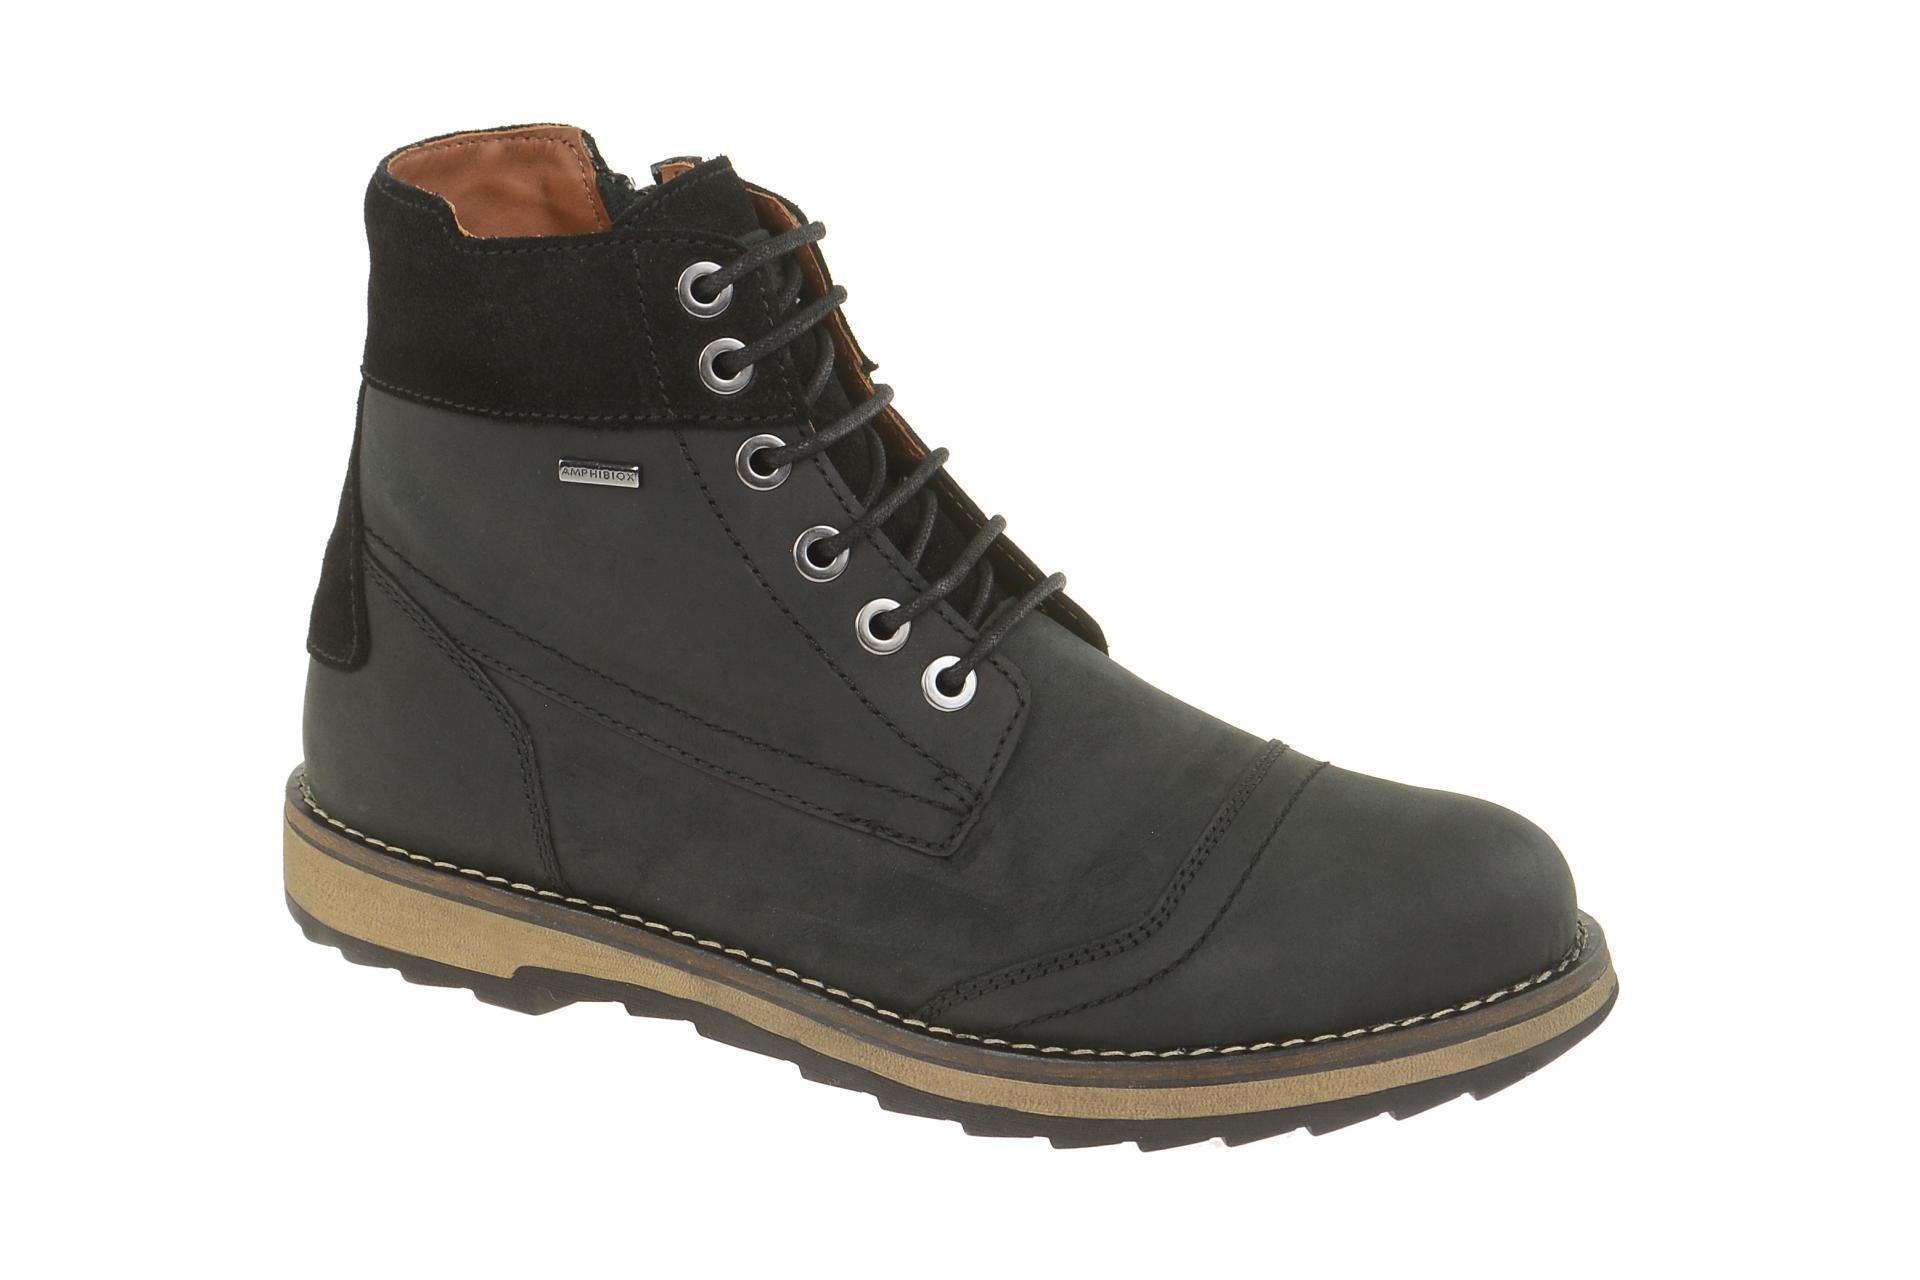 Geox Stiefel Damen Schwarz Stiefeletten aus Wildleder :